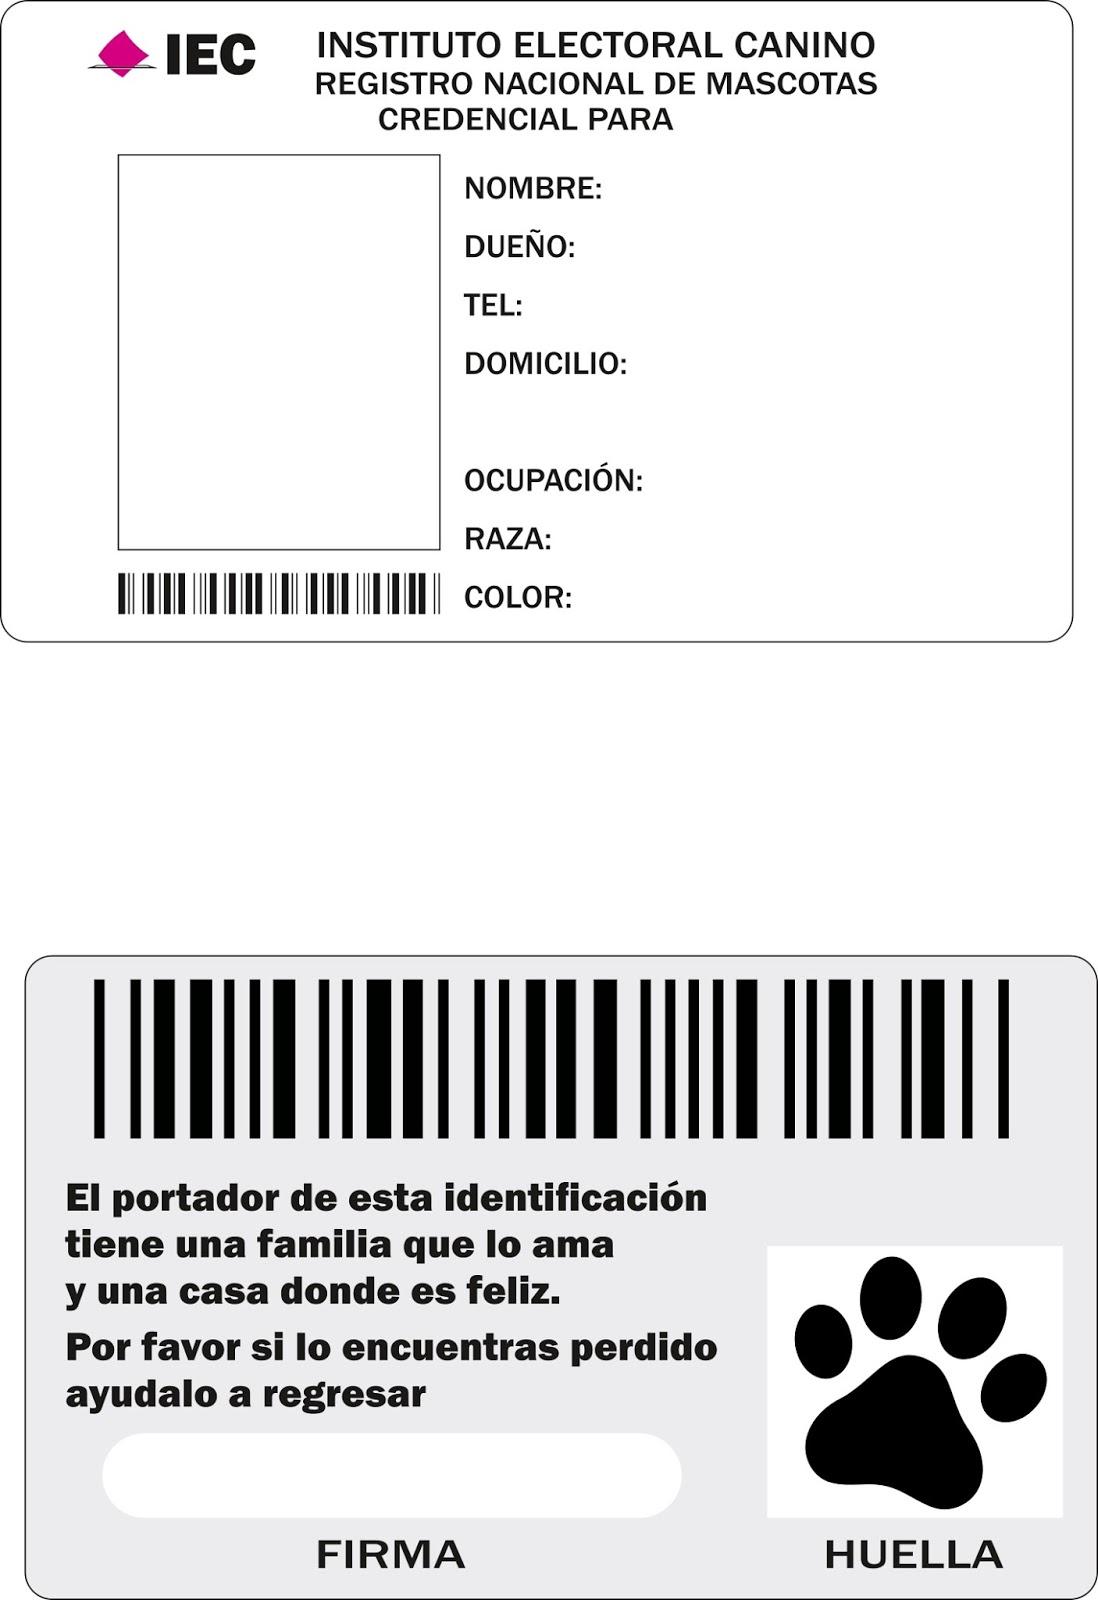 FORMATO DE CREDENCIAL PARA MASCOTA EN JPG ~ Colores Activos